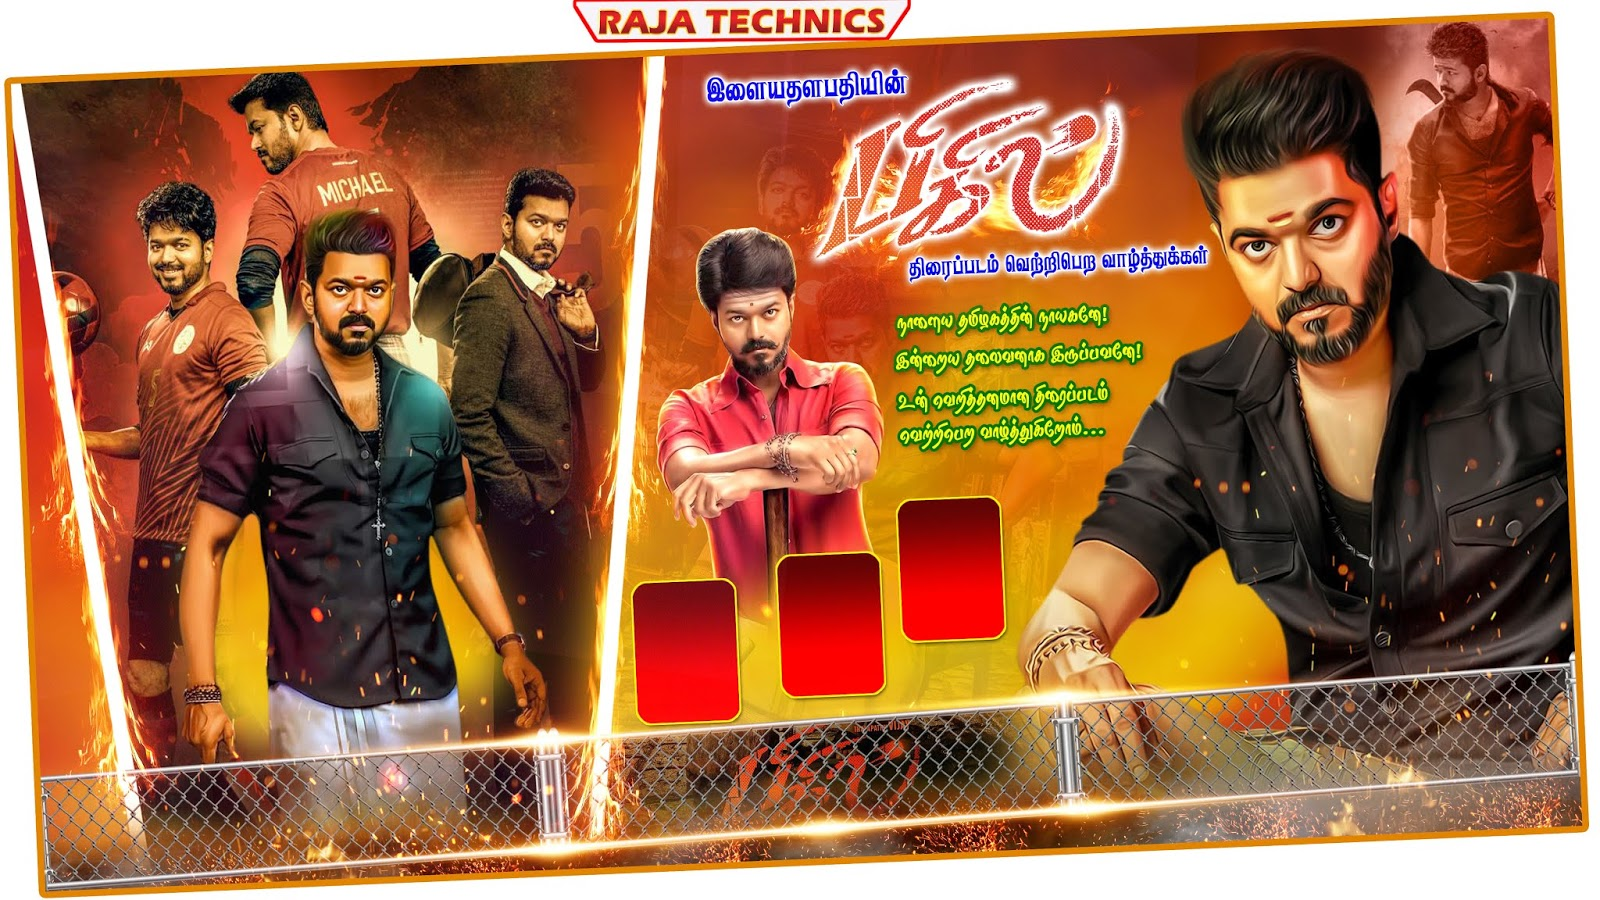 Raja Technics Videos Bigil Movie Flex Banner Design In Photoshop Bigil Movie Poster Tamil Raja Technics